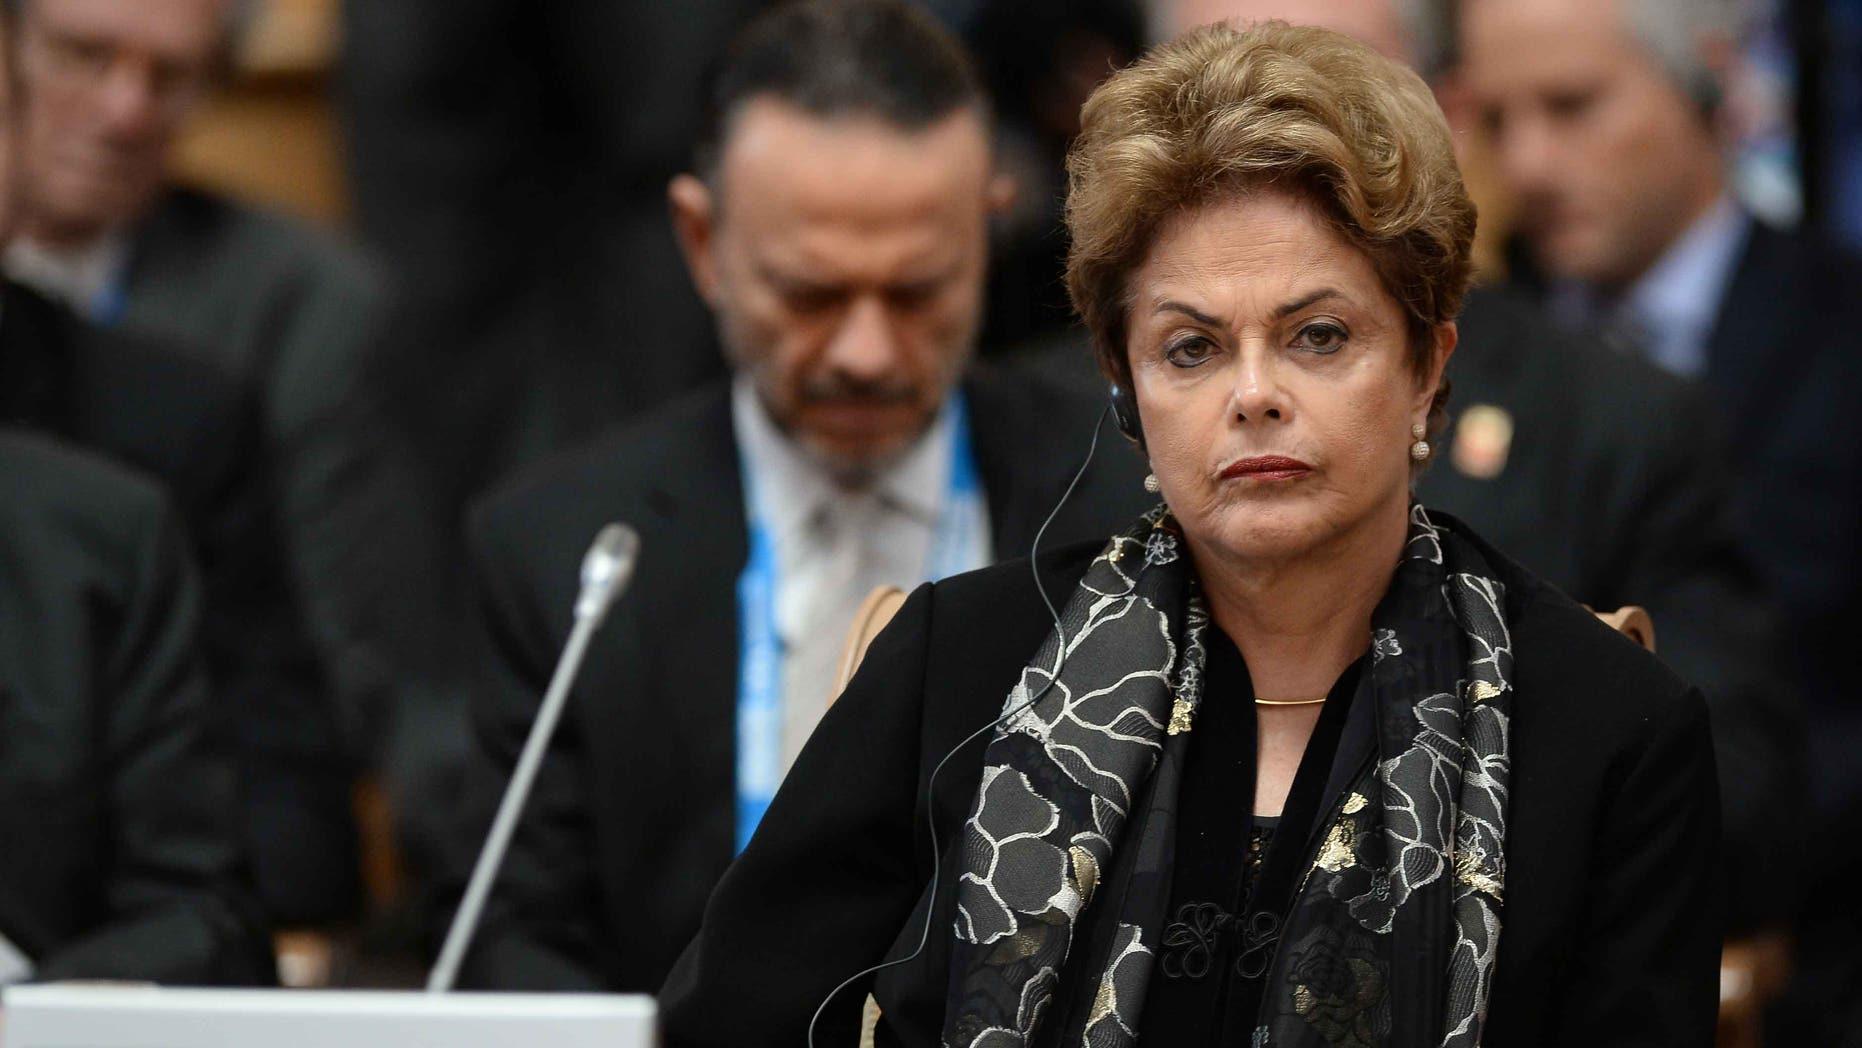 Brazil President Dilma Rousseff on July 09, 2015 in Ufa, Russia.